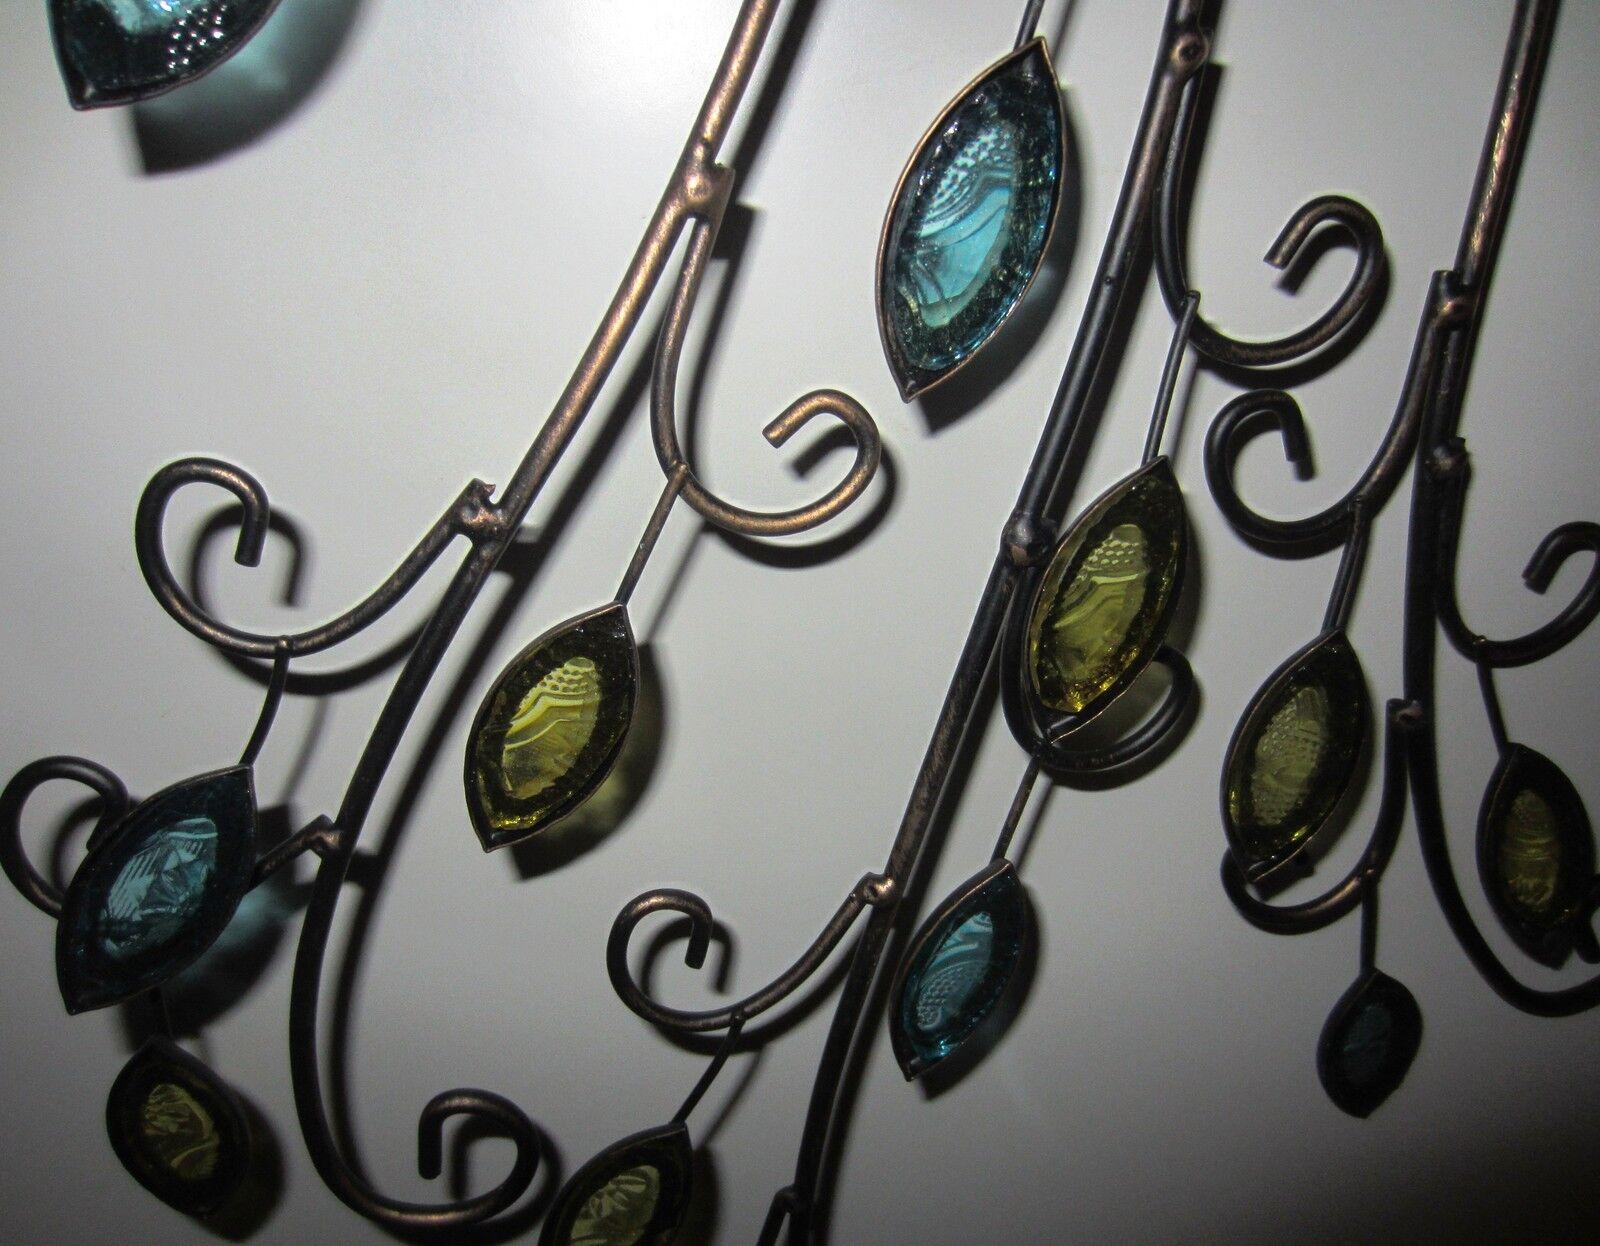 Pfau deko metall wanddeko dekoration 75 x 36 cm neu eur for Deko metall